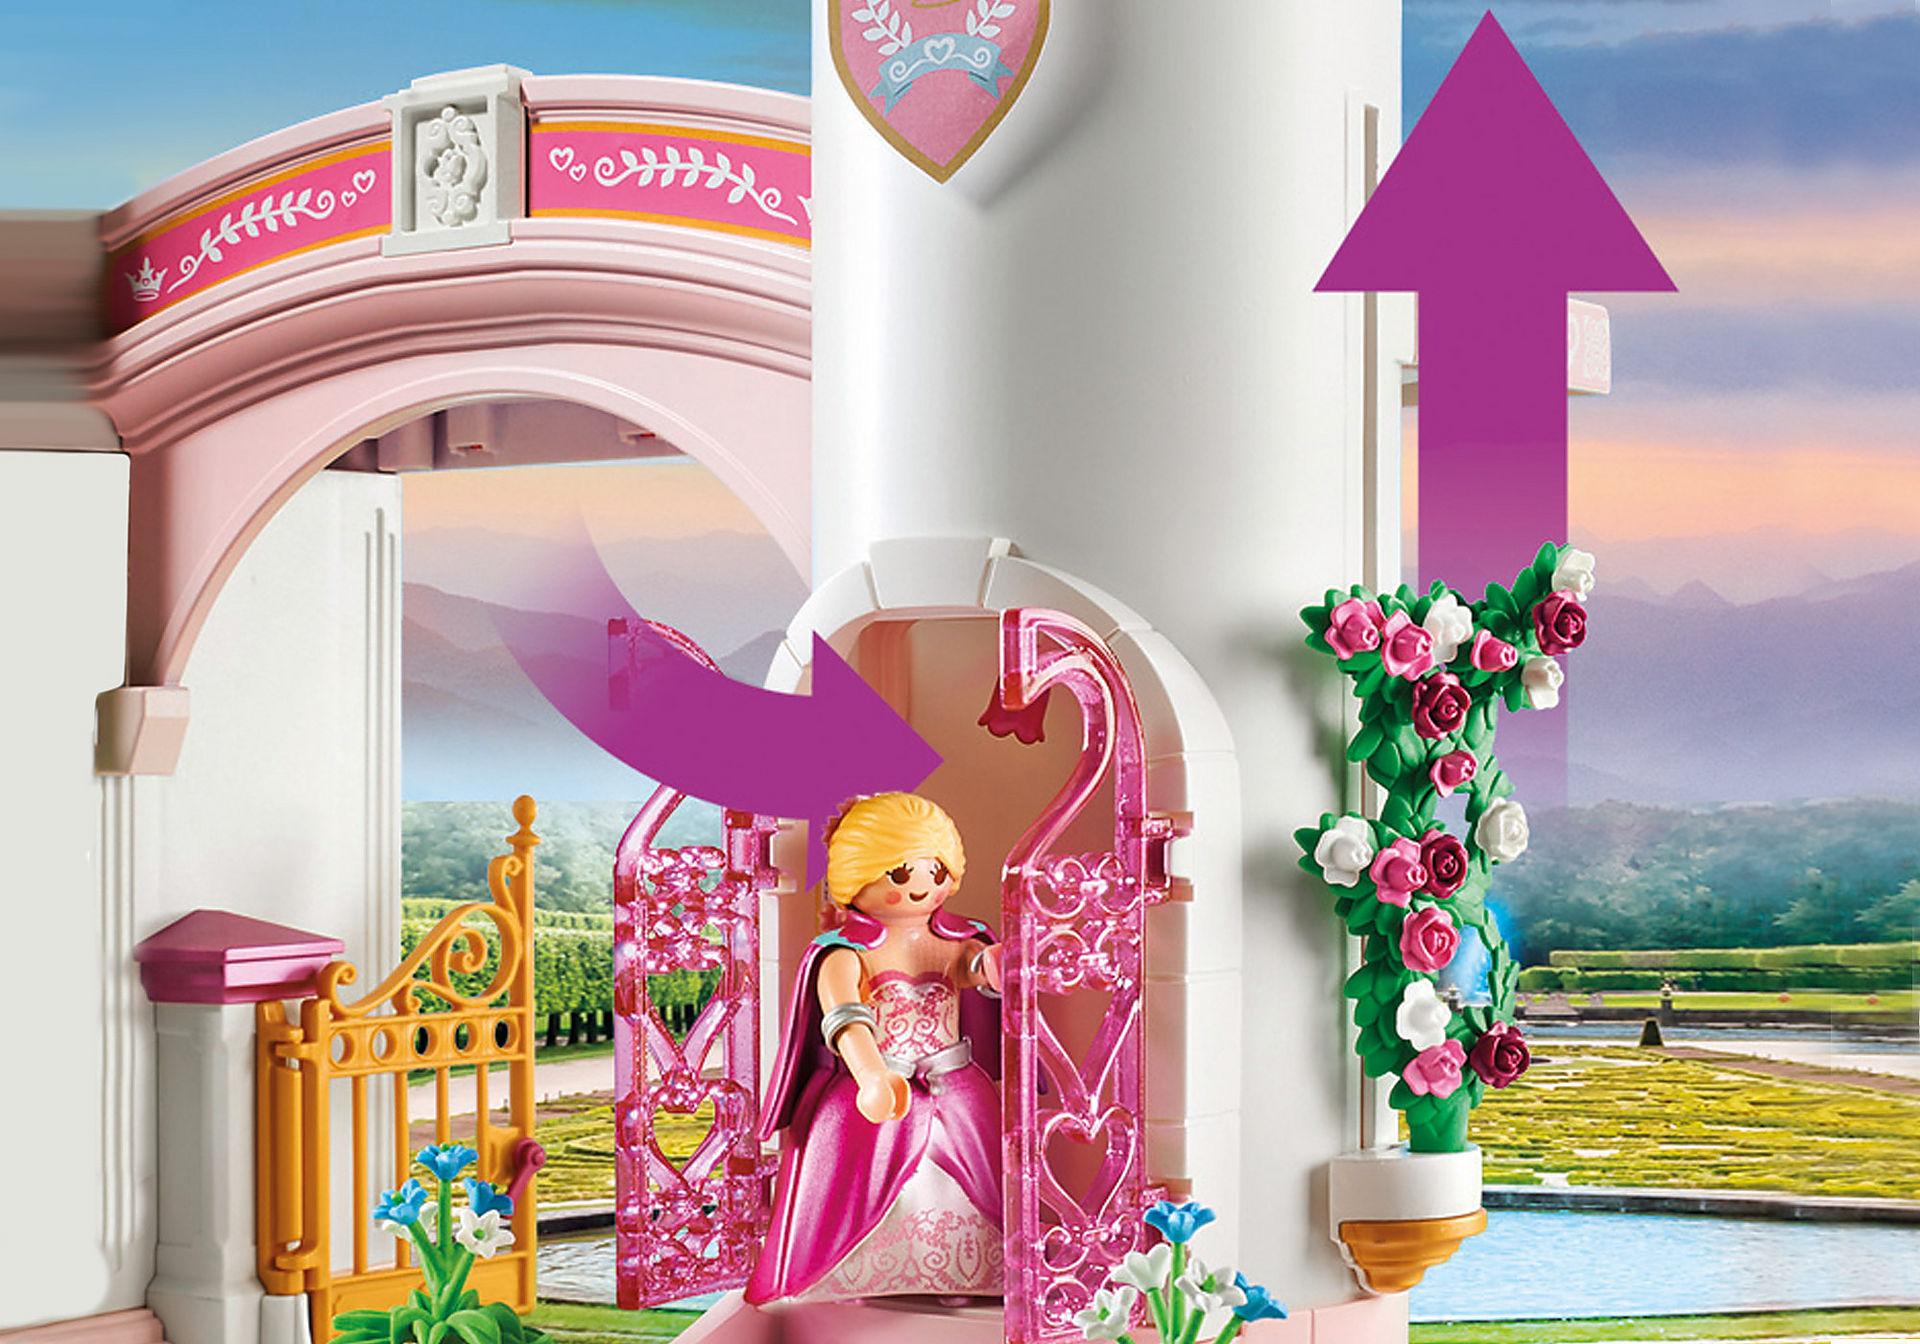 70448 Princess Castle zoom image4